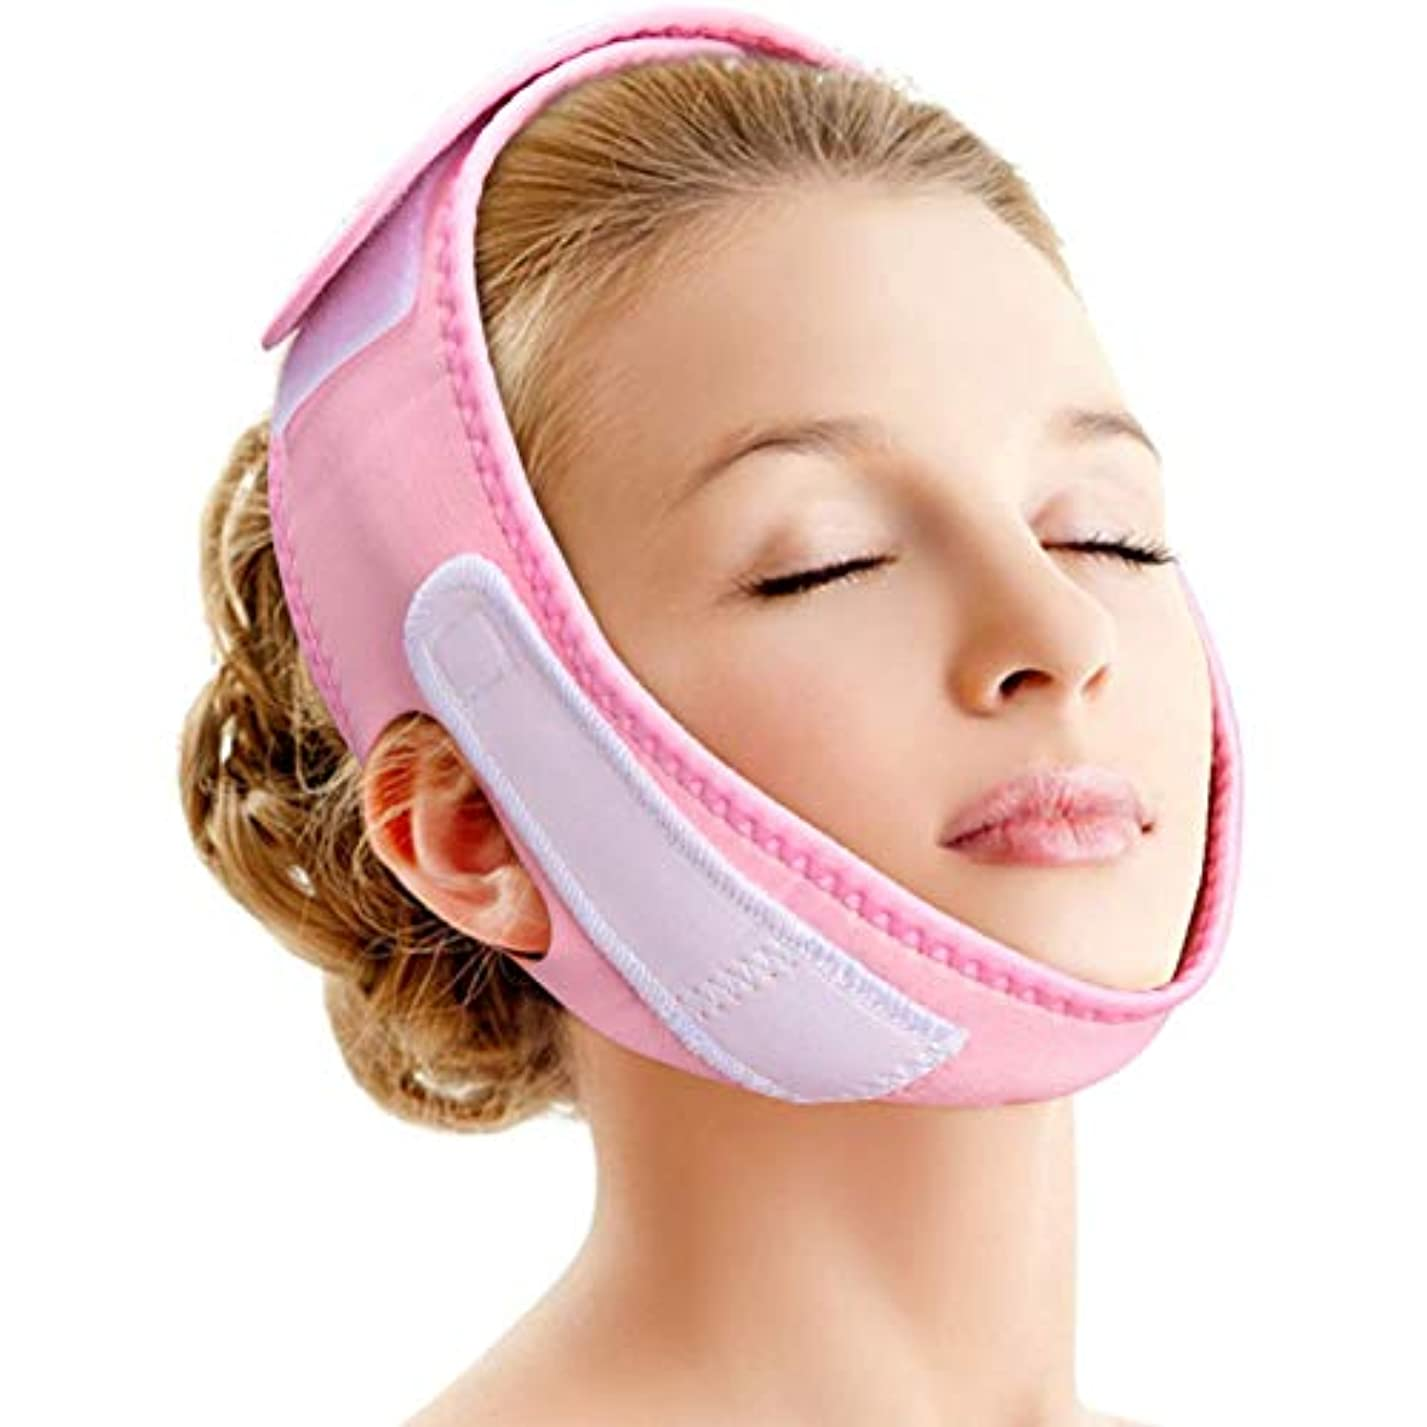 これまで怠熟読フェイシャルリフティングスリミングベルト - ダブルラインケア、顔の減量、しわ防止のためのVラインチンチークバンド-フェイスリフティング包帯